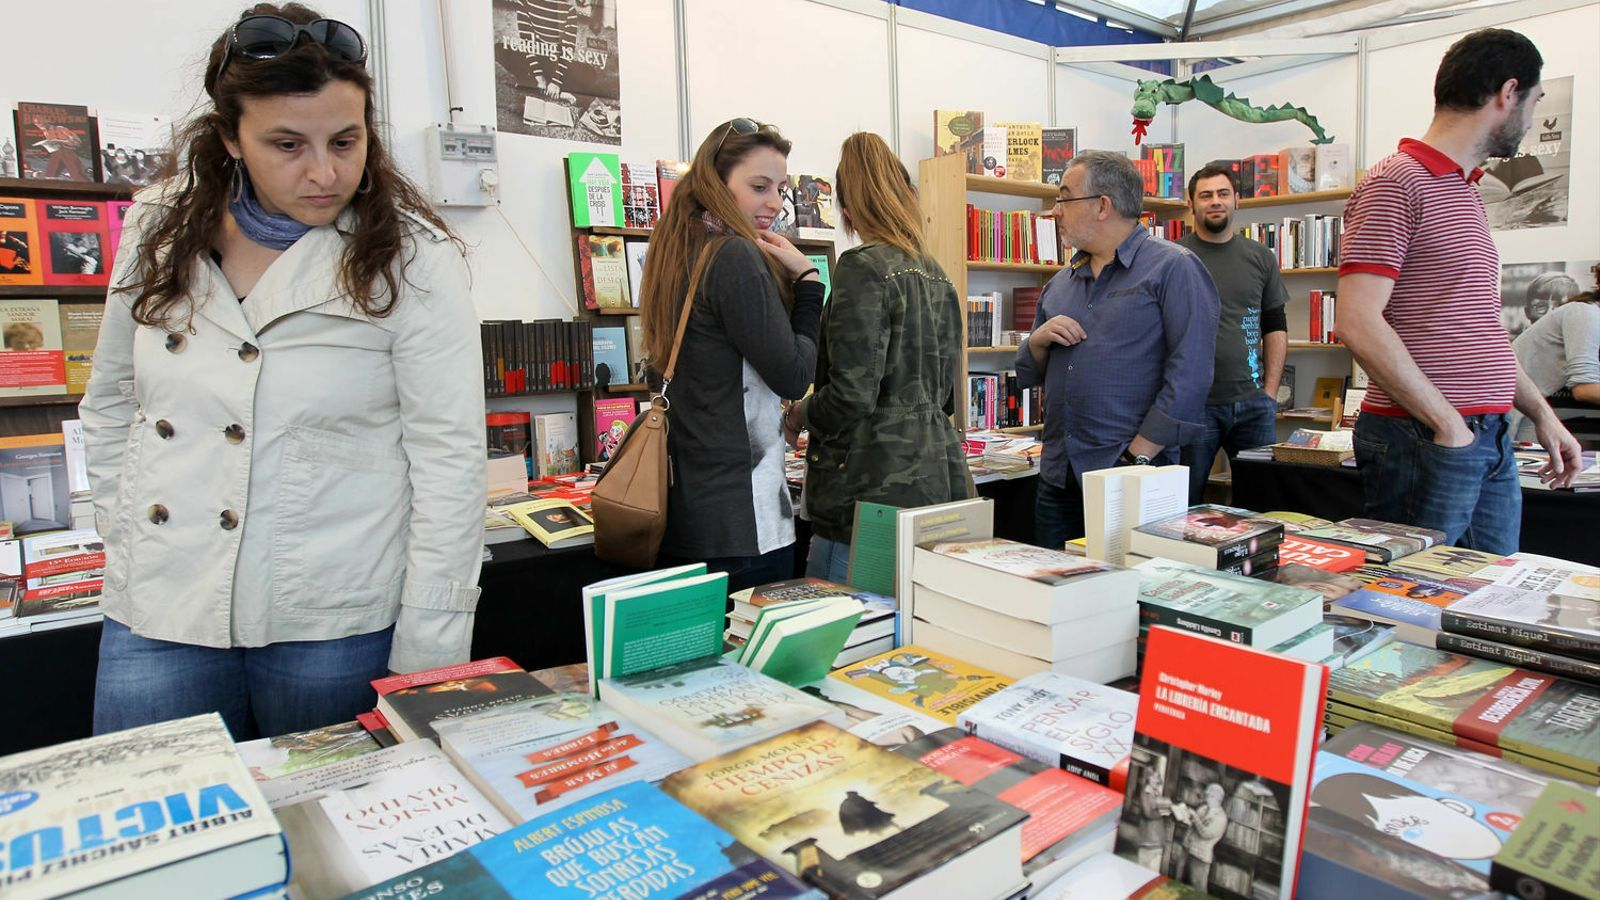 Només un 19% dels lectors habituals llegeix en català